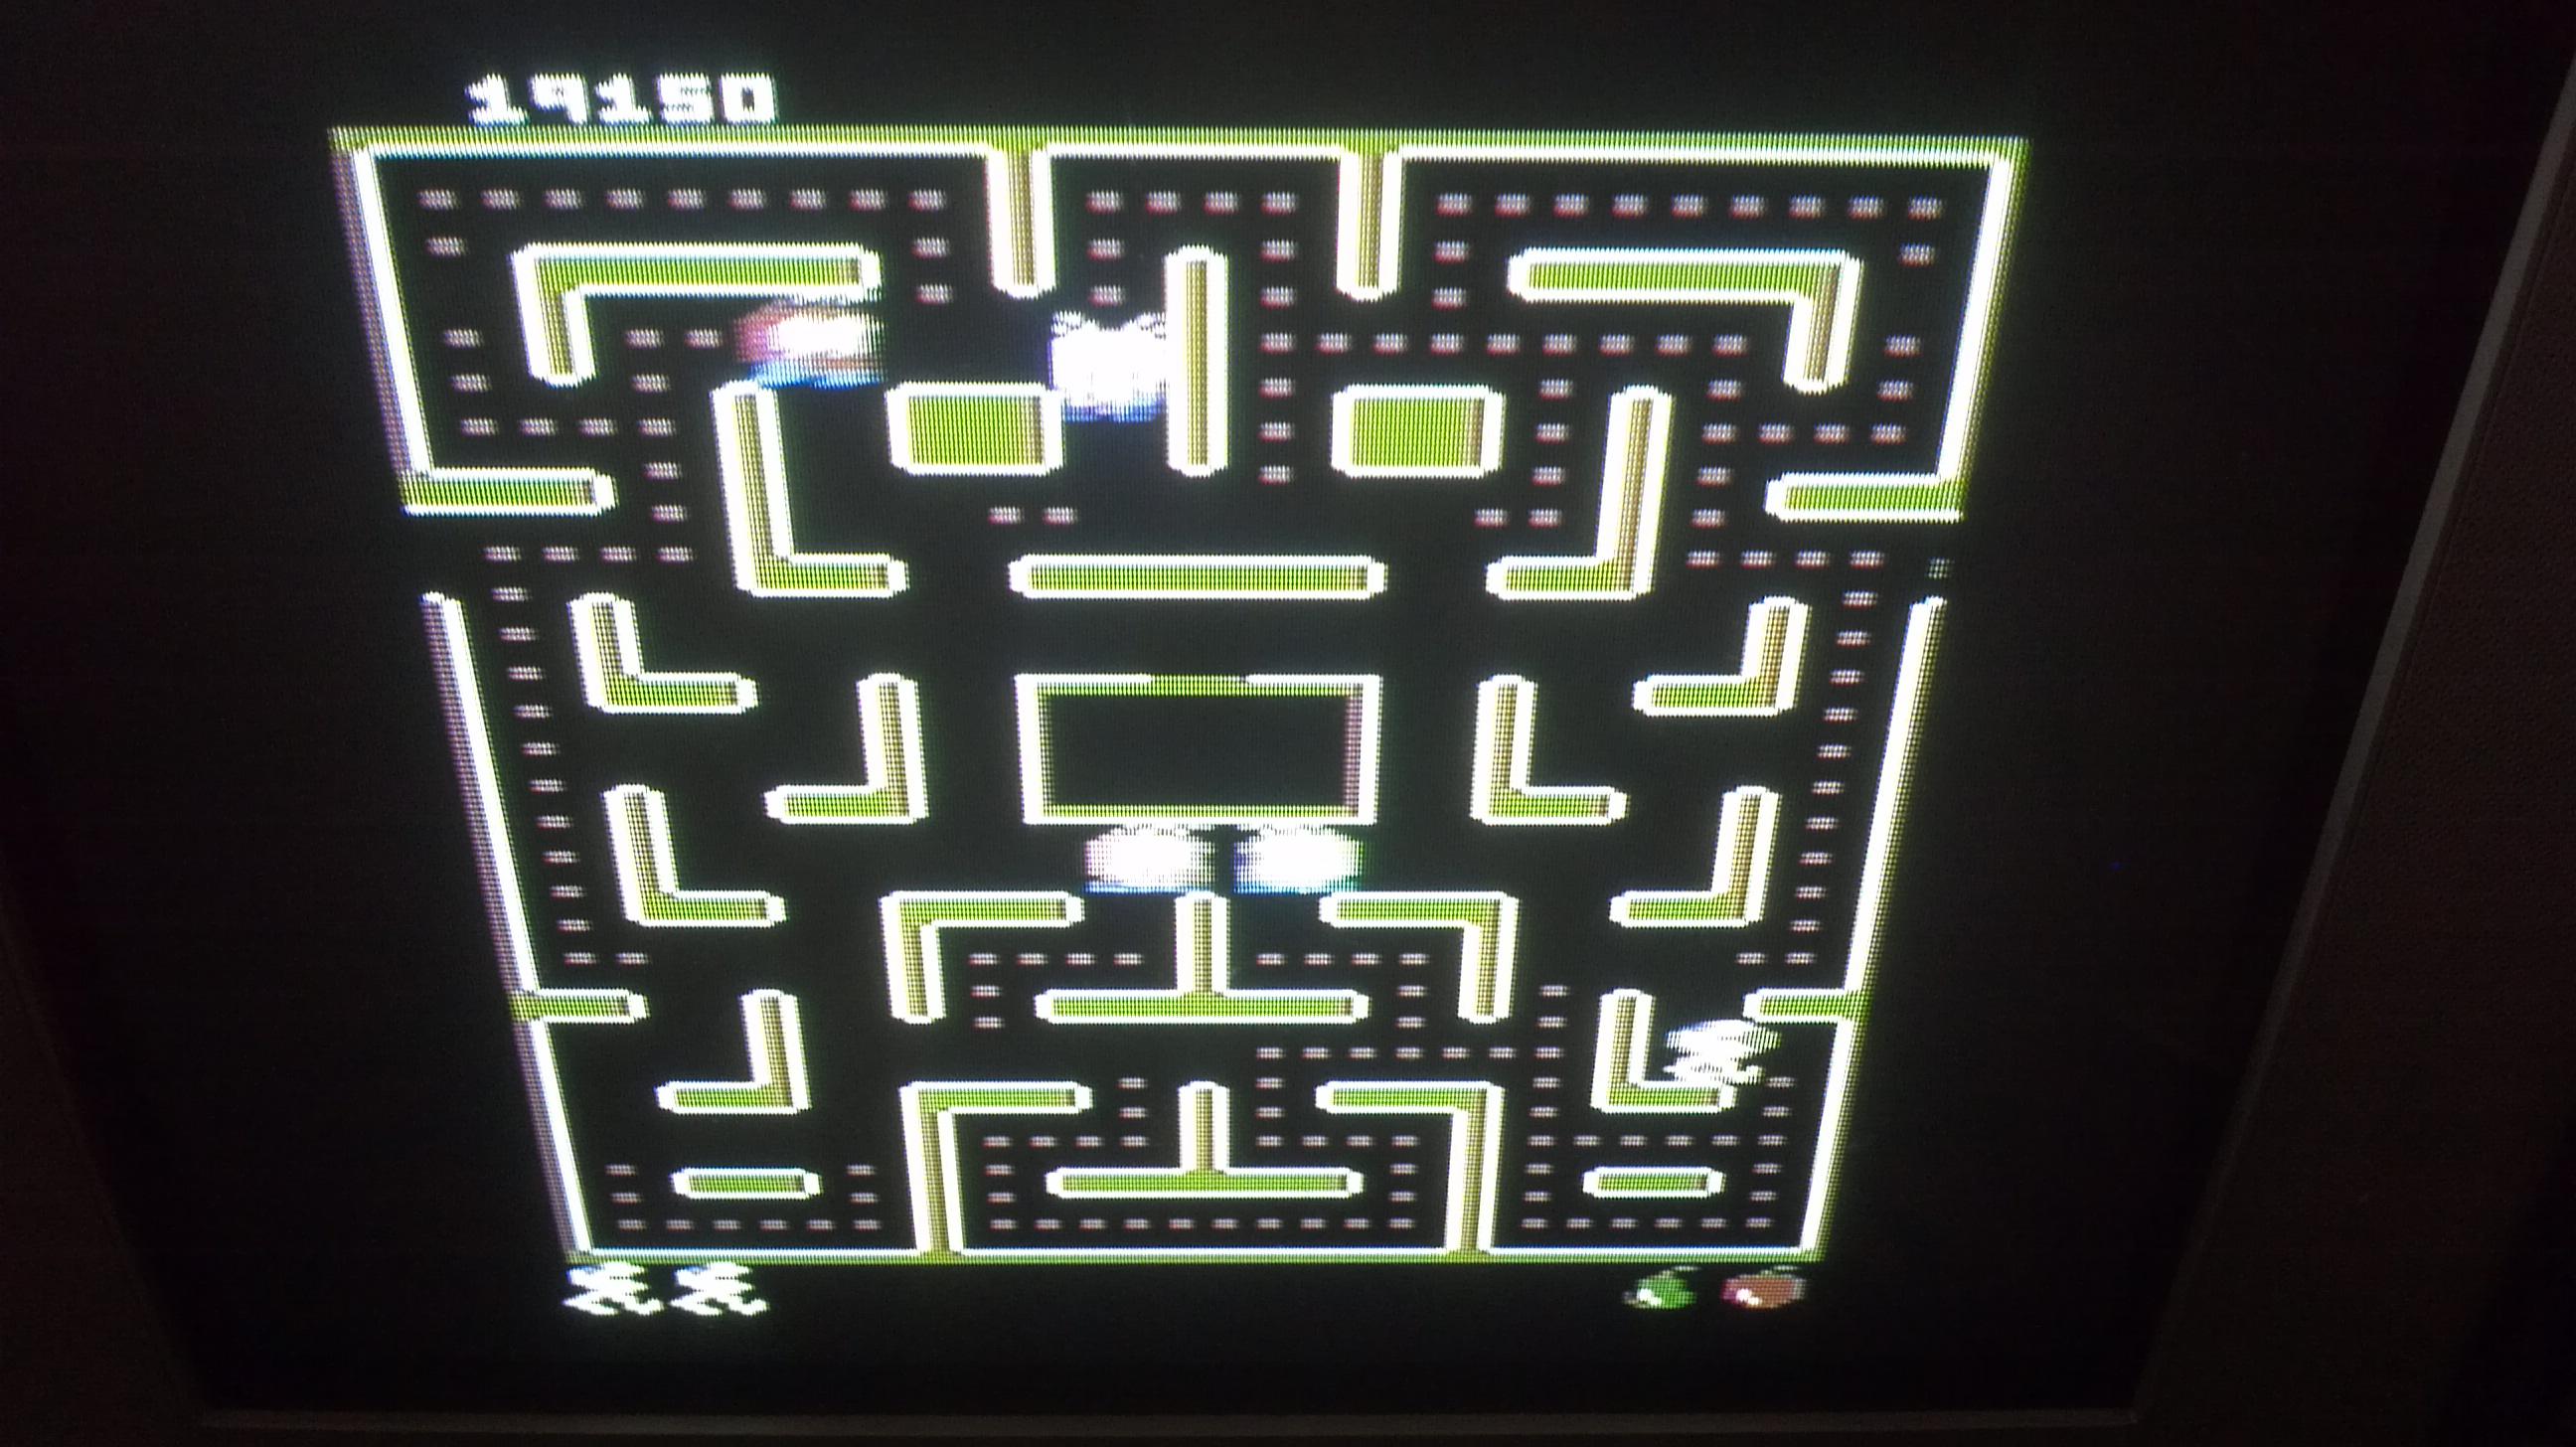 Liduario: Crazy Otto [Apple Start] (Atari 7800) 19,150 points on 2014-05-01 12:45:56